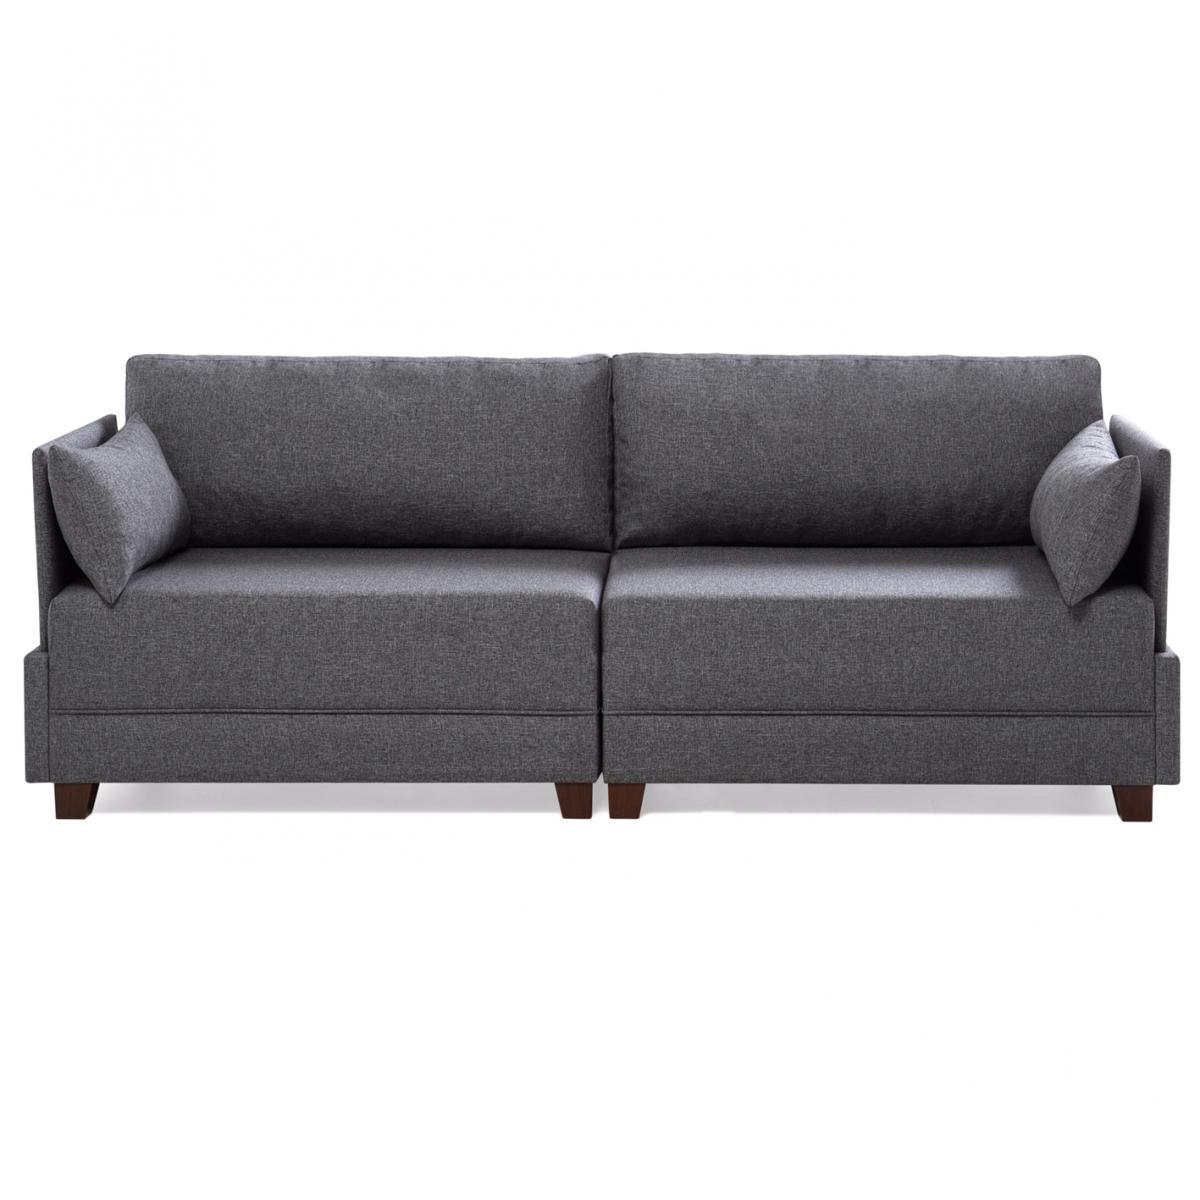 ספה תלת FLY אפור מסדרת Evdebiz